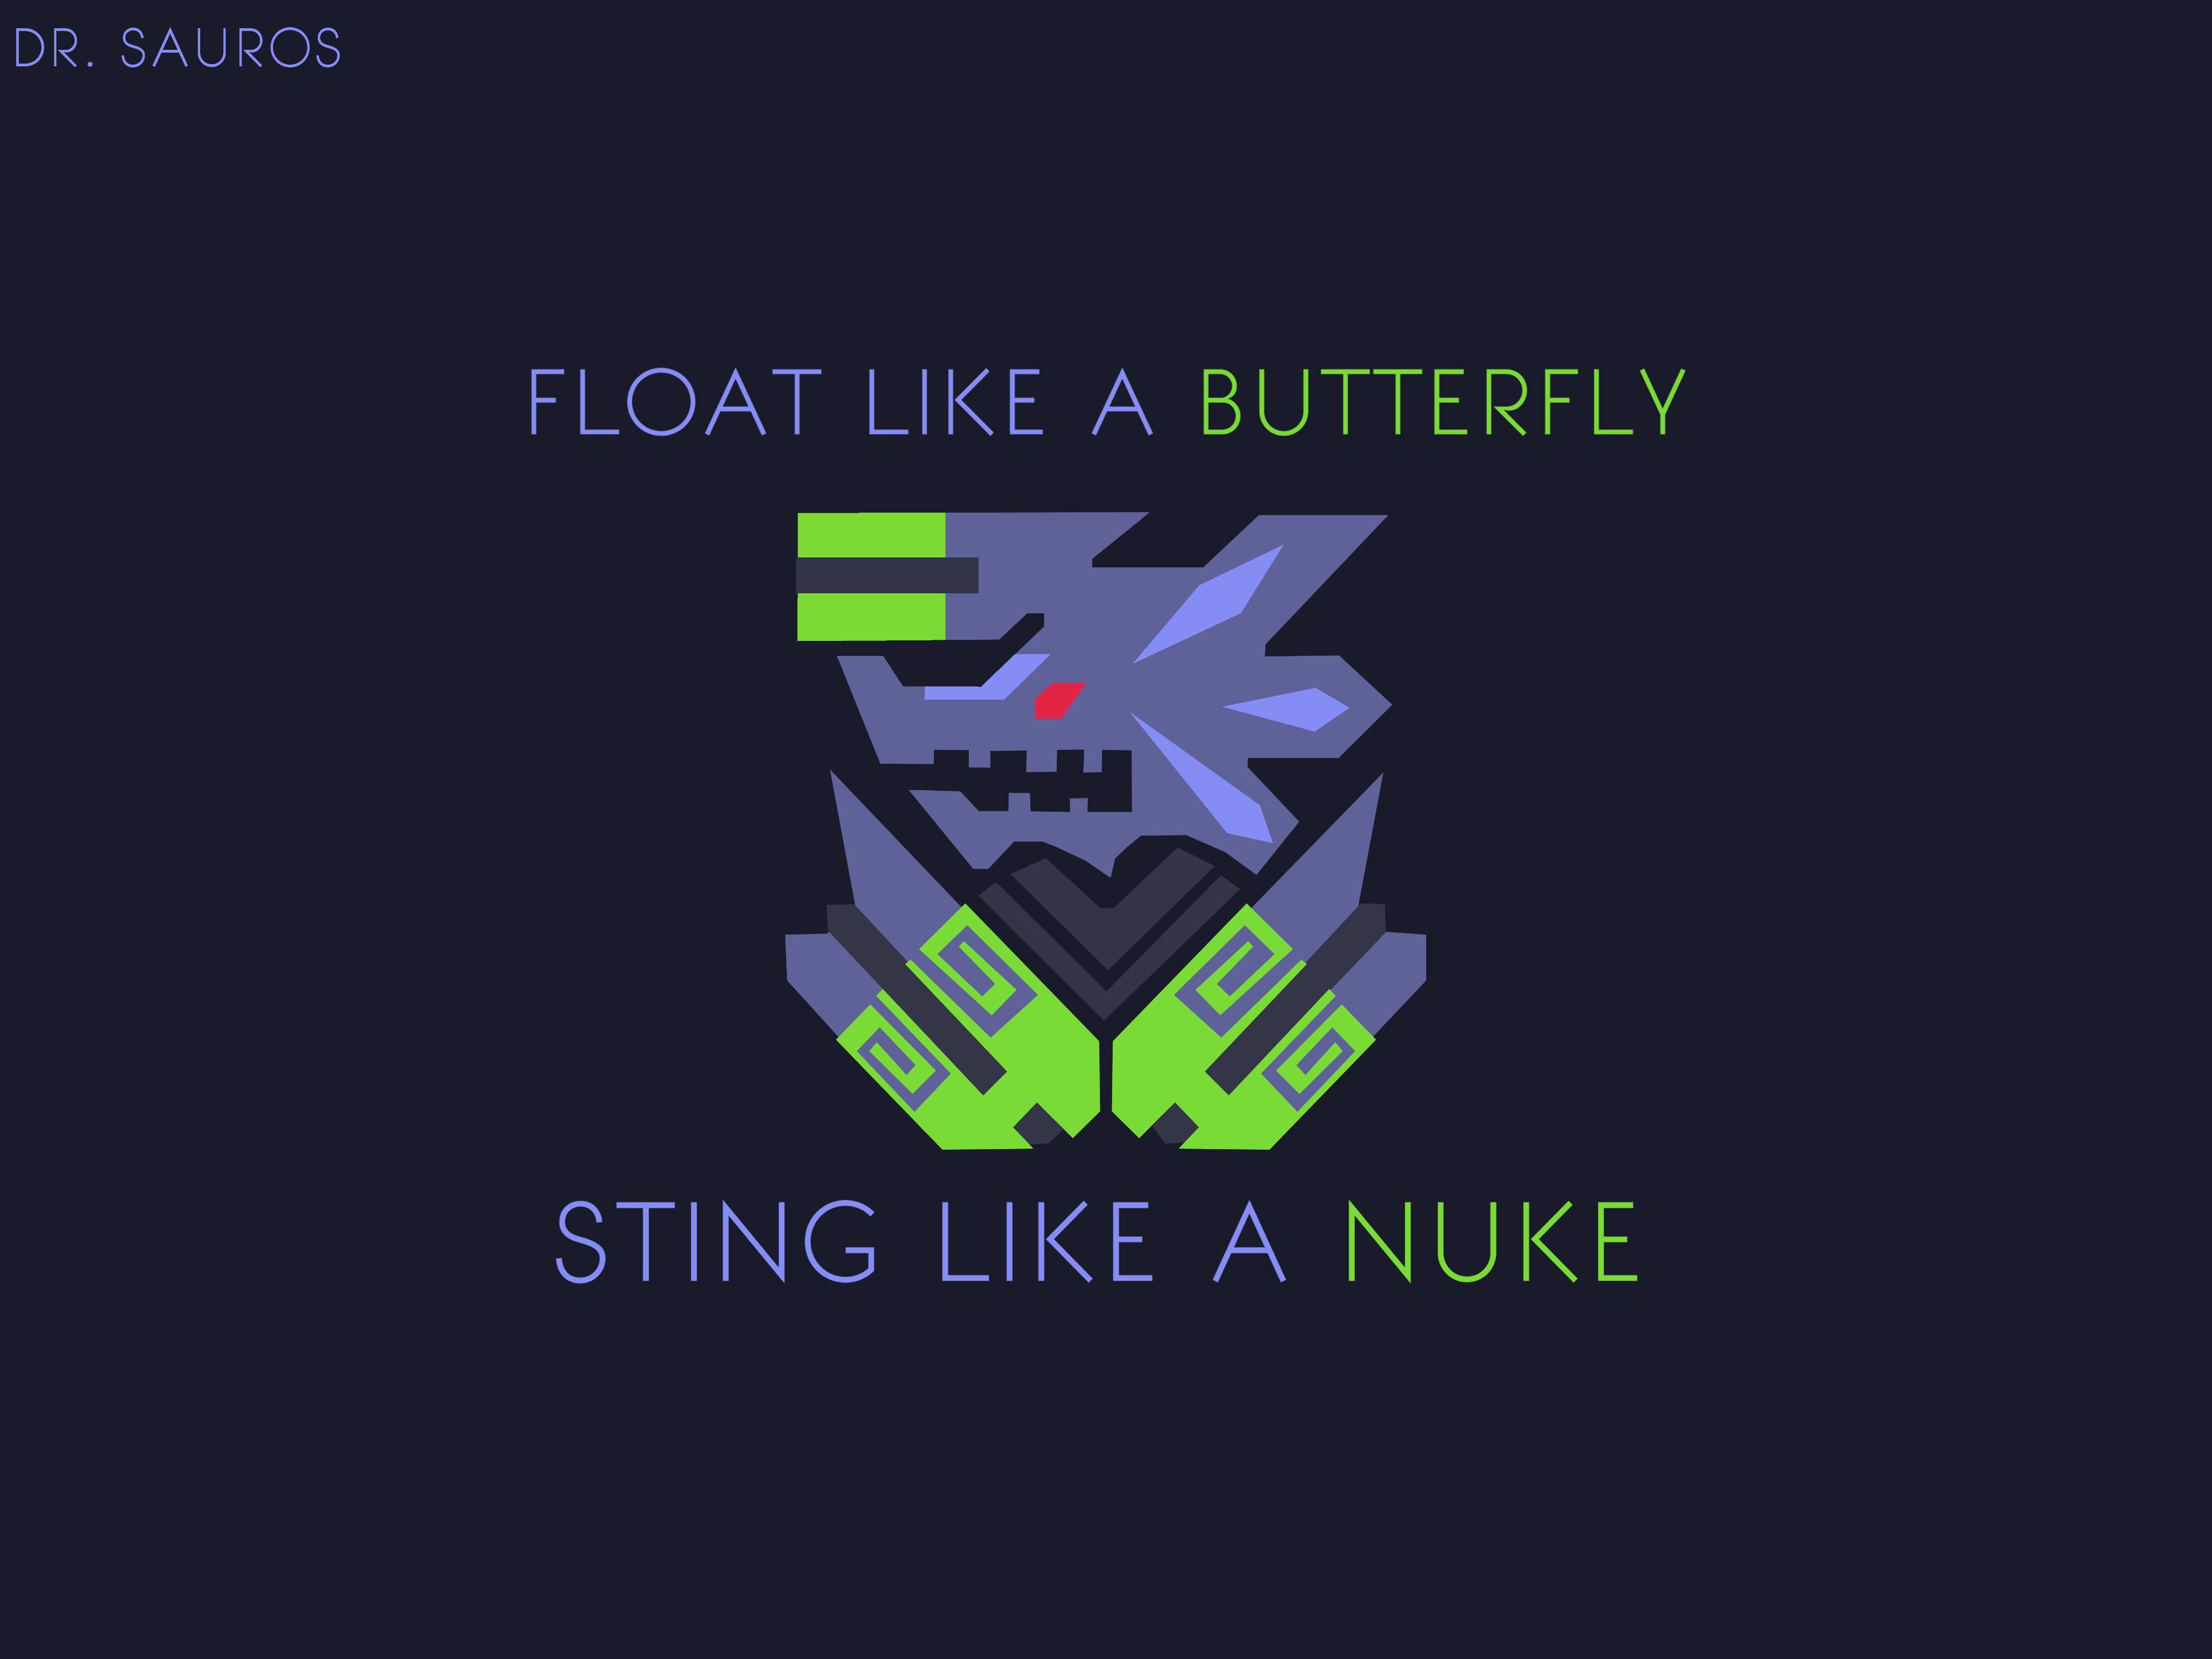 Float Like A Butterfly Sting Like A Nuke , HD Wallpaper & Backgrounds